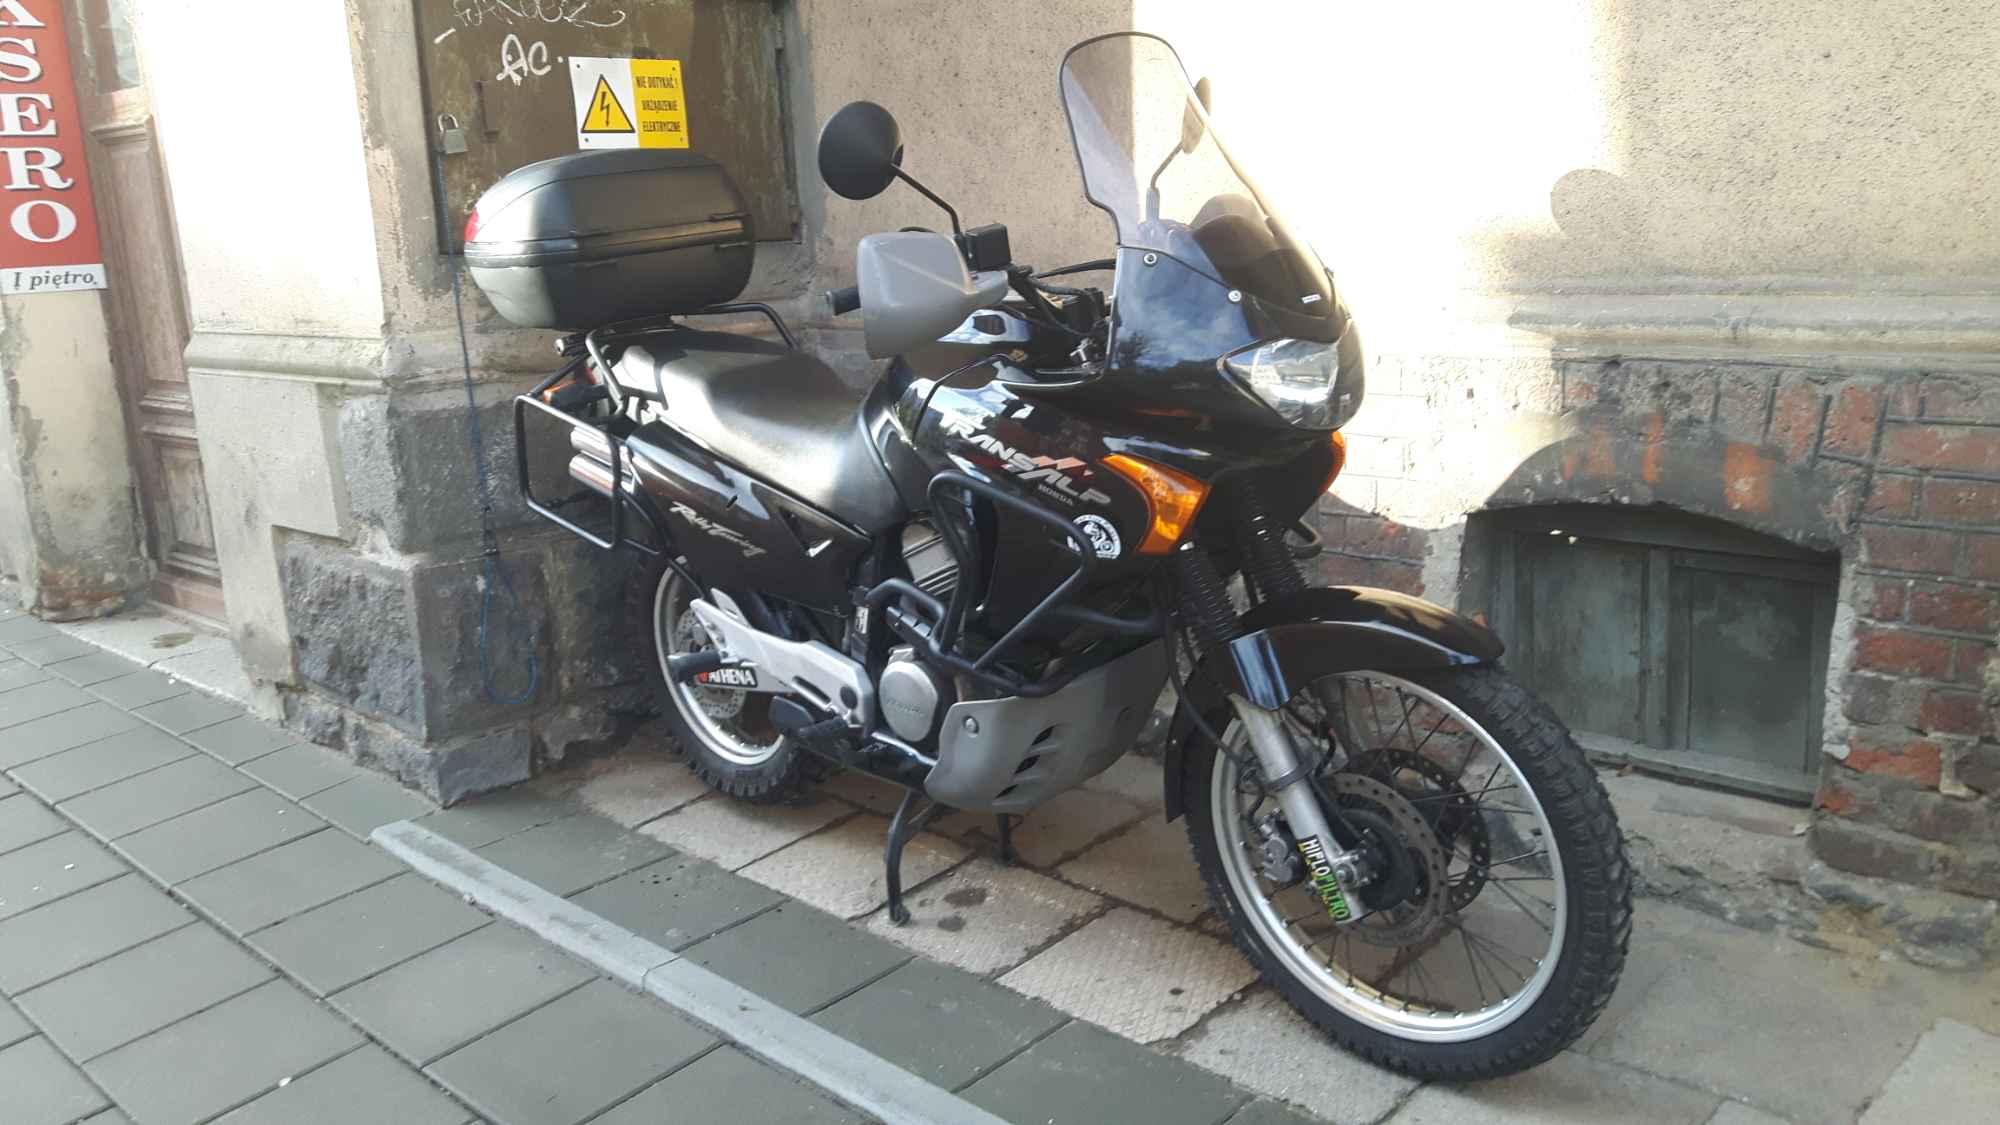 Sprzedam Honde XL650V Transalp Olsztyn - zdjęcie 4